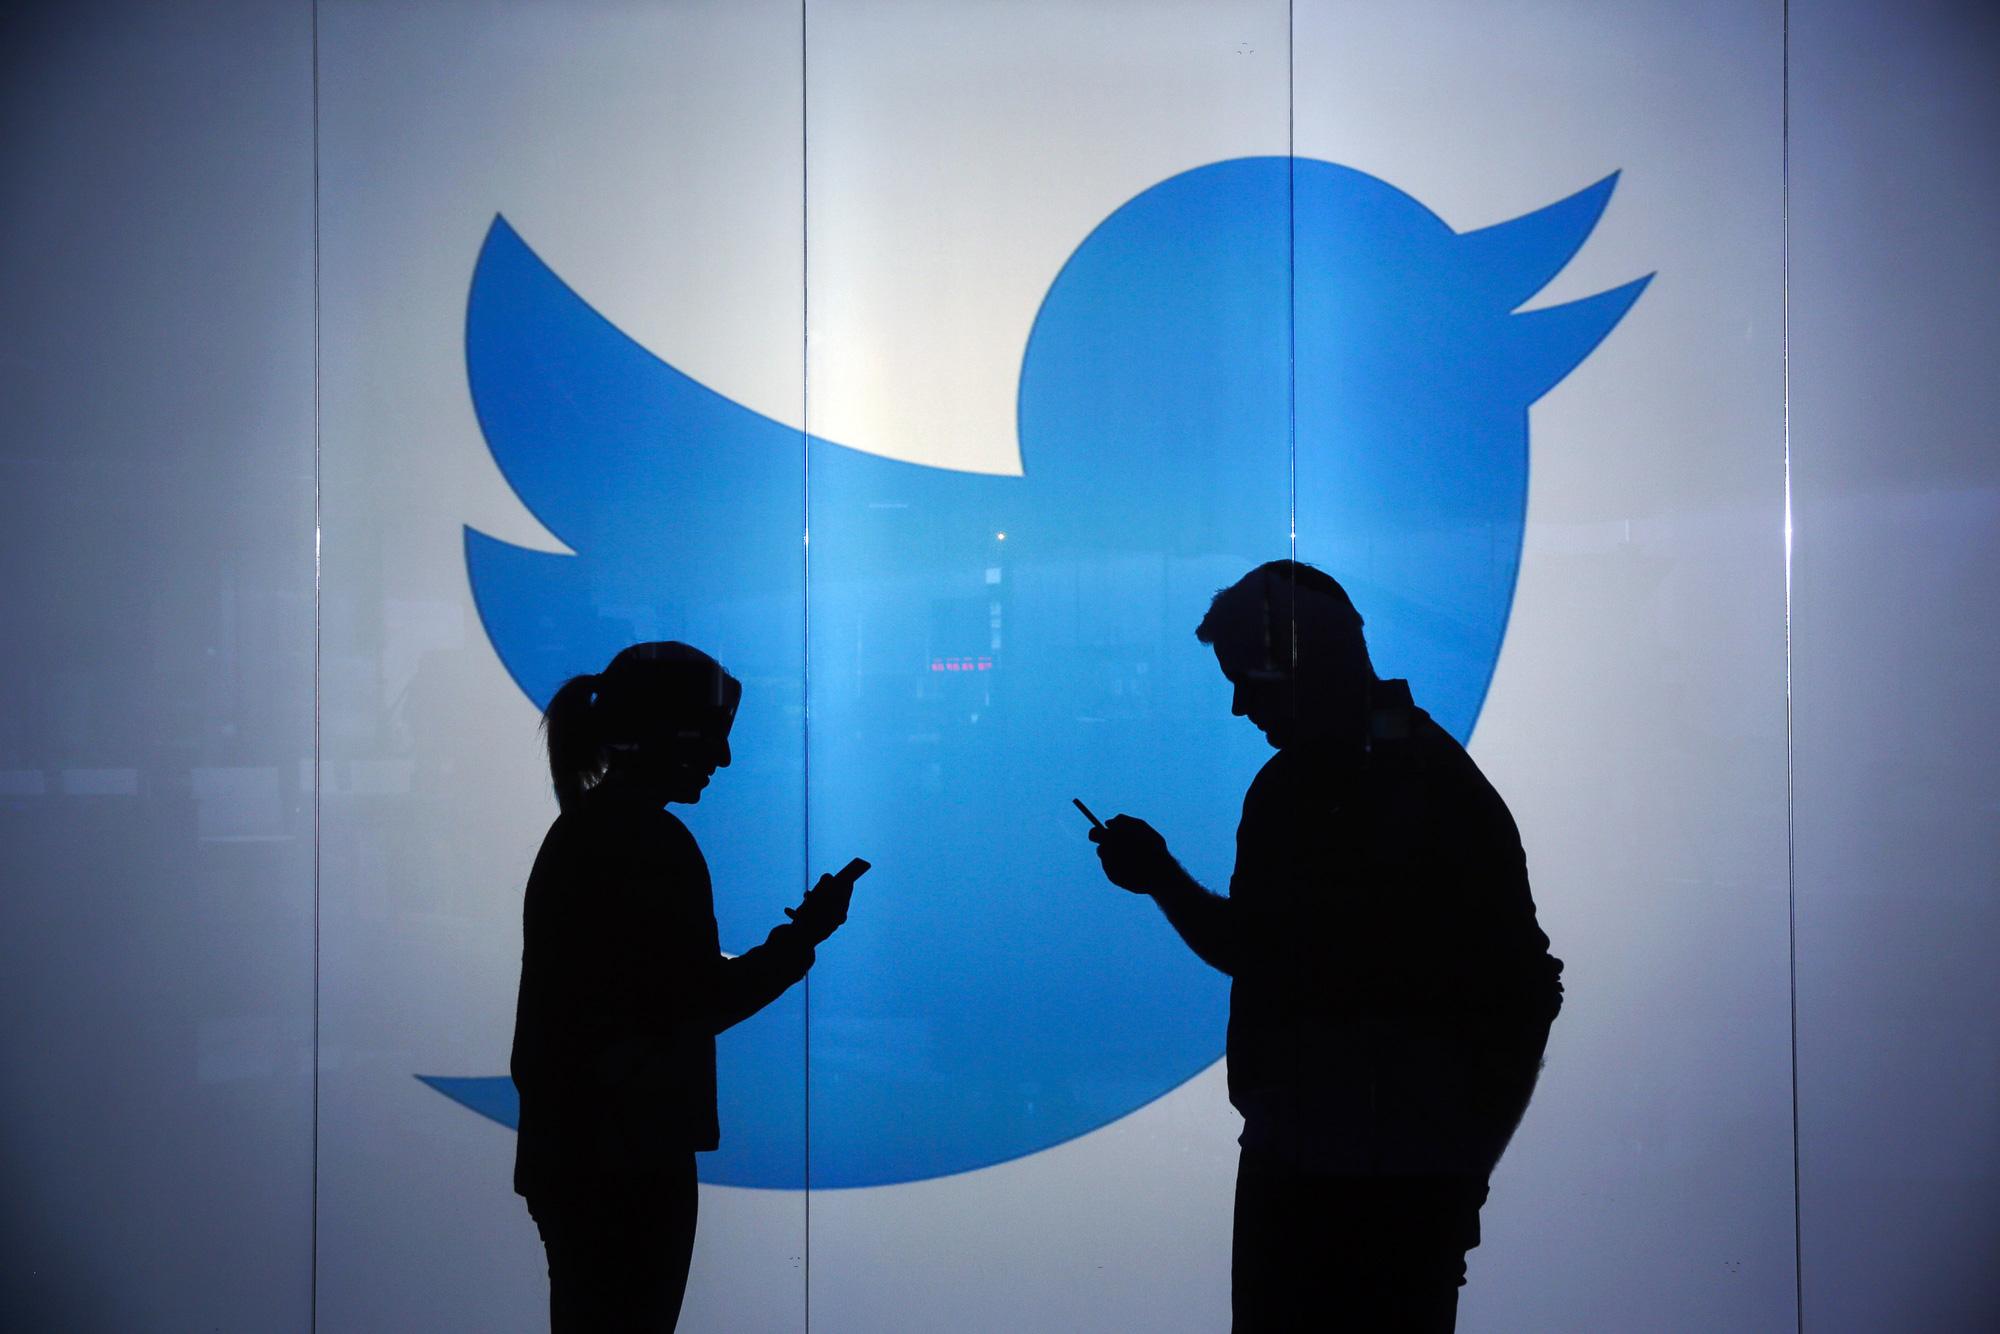 Lợi nhuận quí I/2020 của Twitter giảm do doanh thu quảng cáo bị ảnh hưởng bởi đại dịch Covid-19 - Ảnh 1.